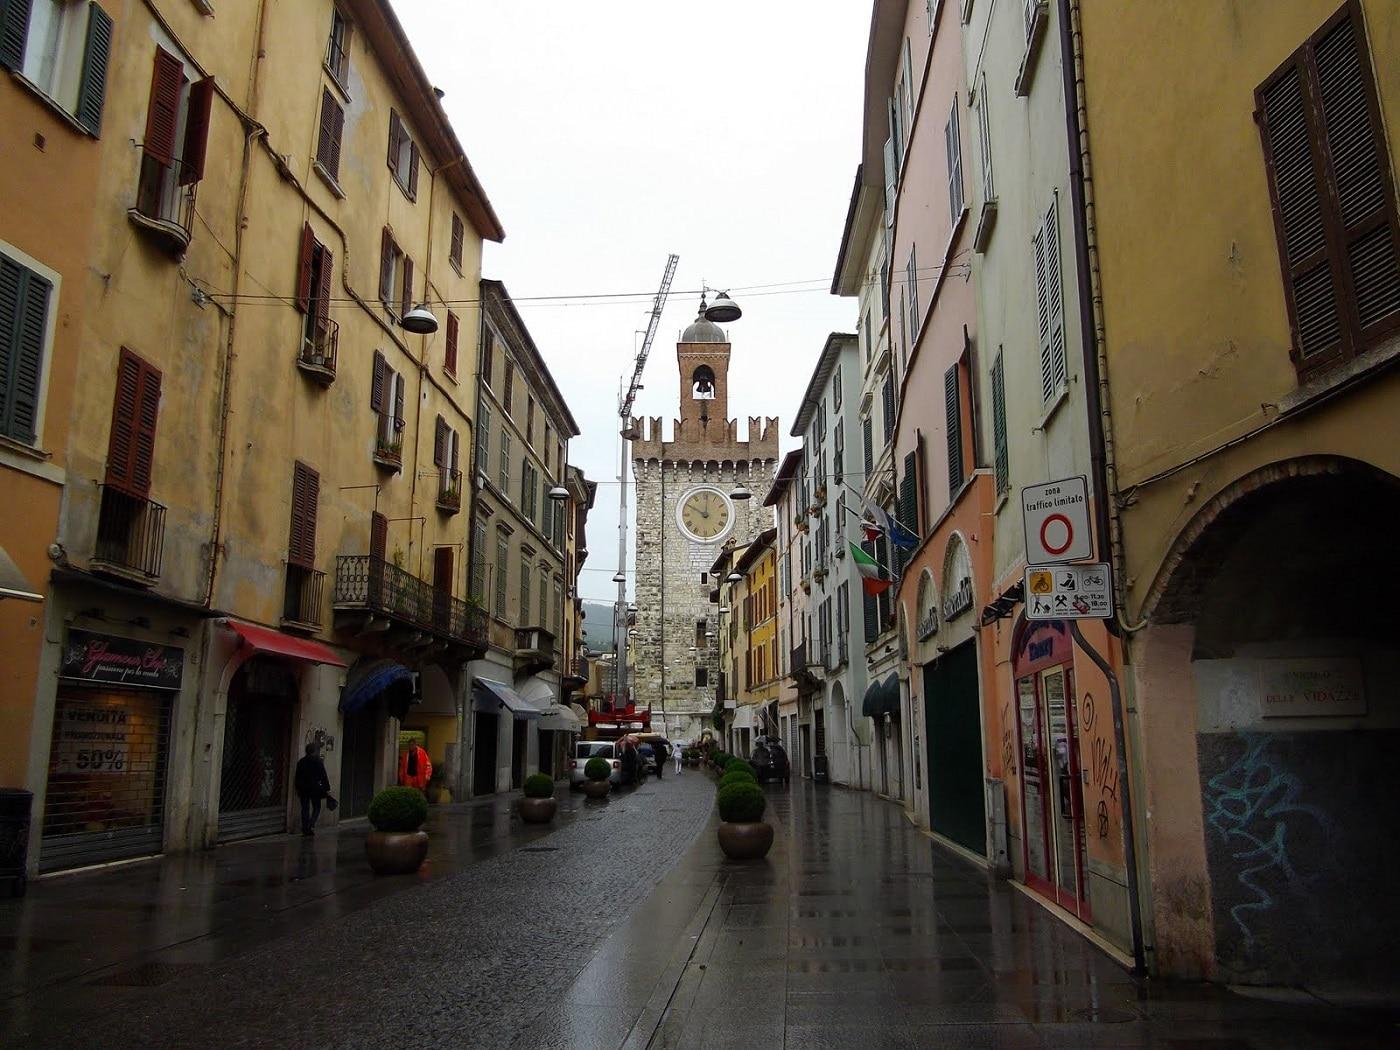 Străduțele înguste, tipic italiene, se regăsesc și în Brescia